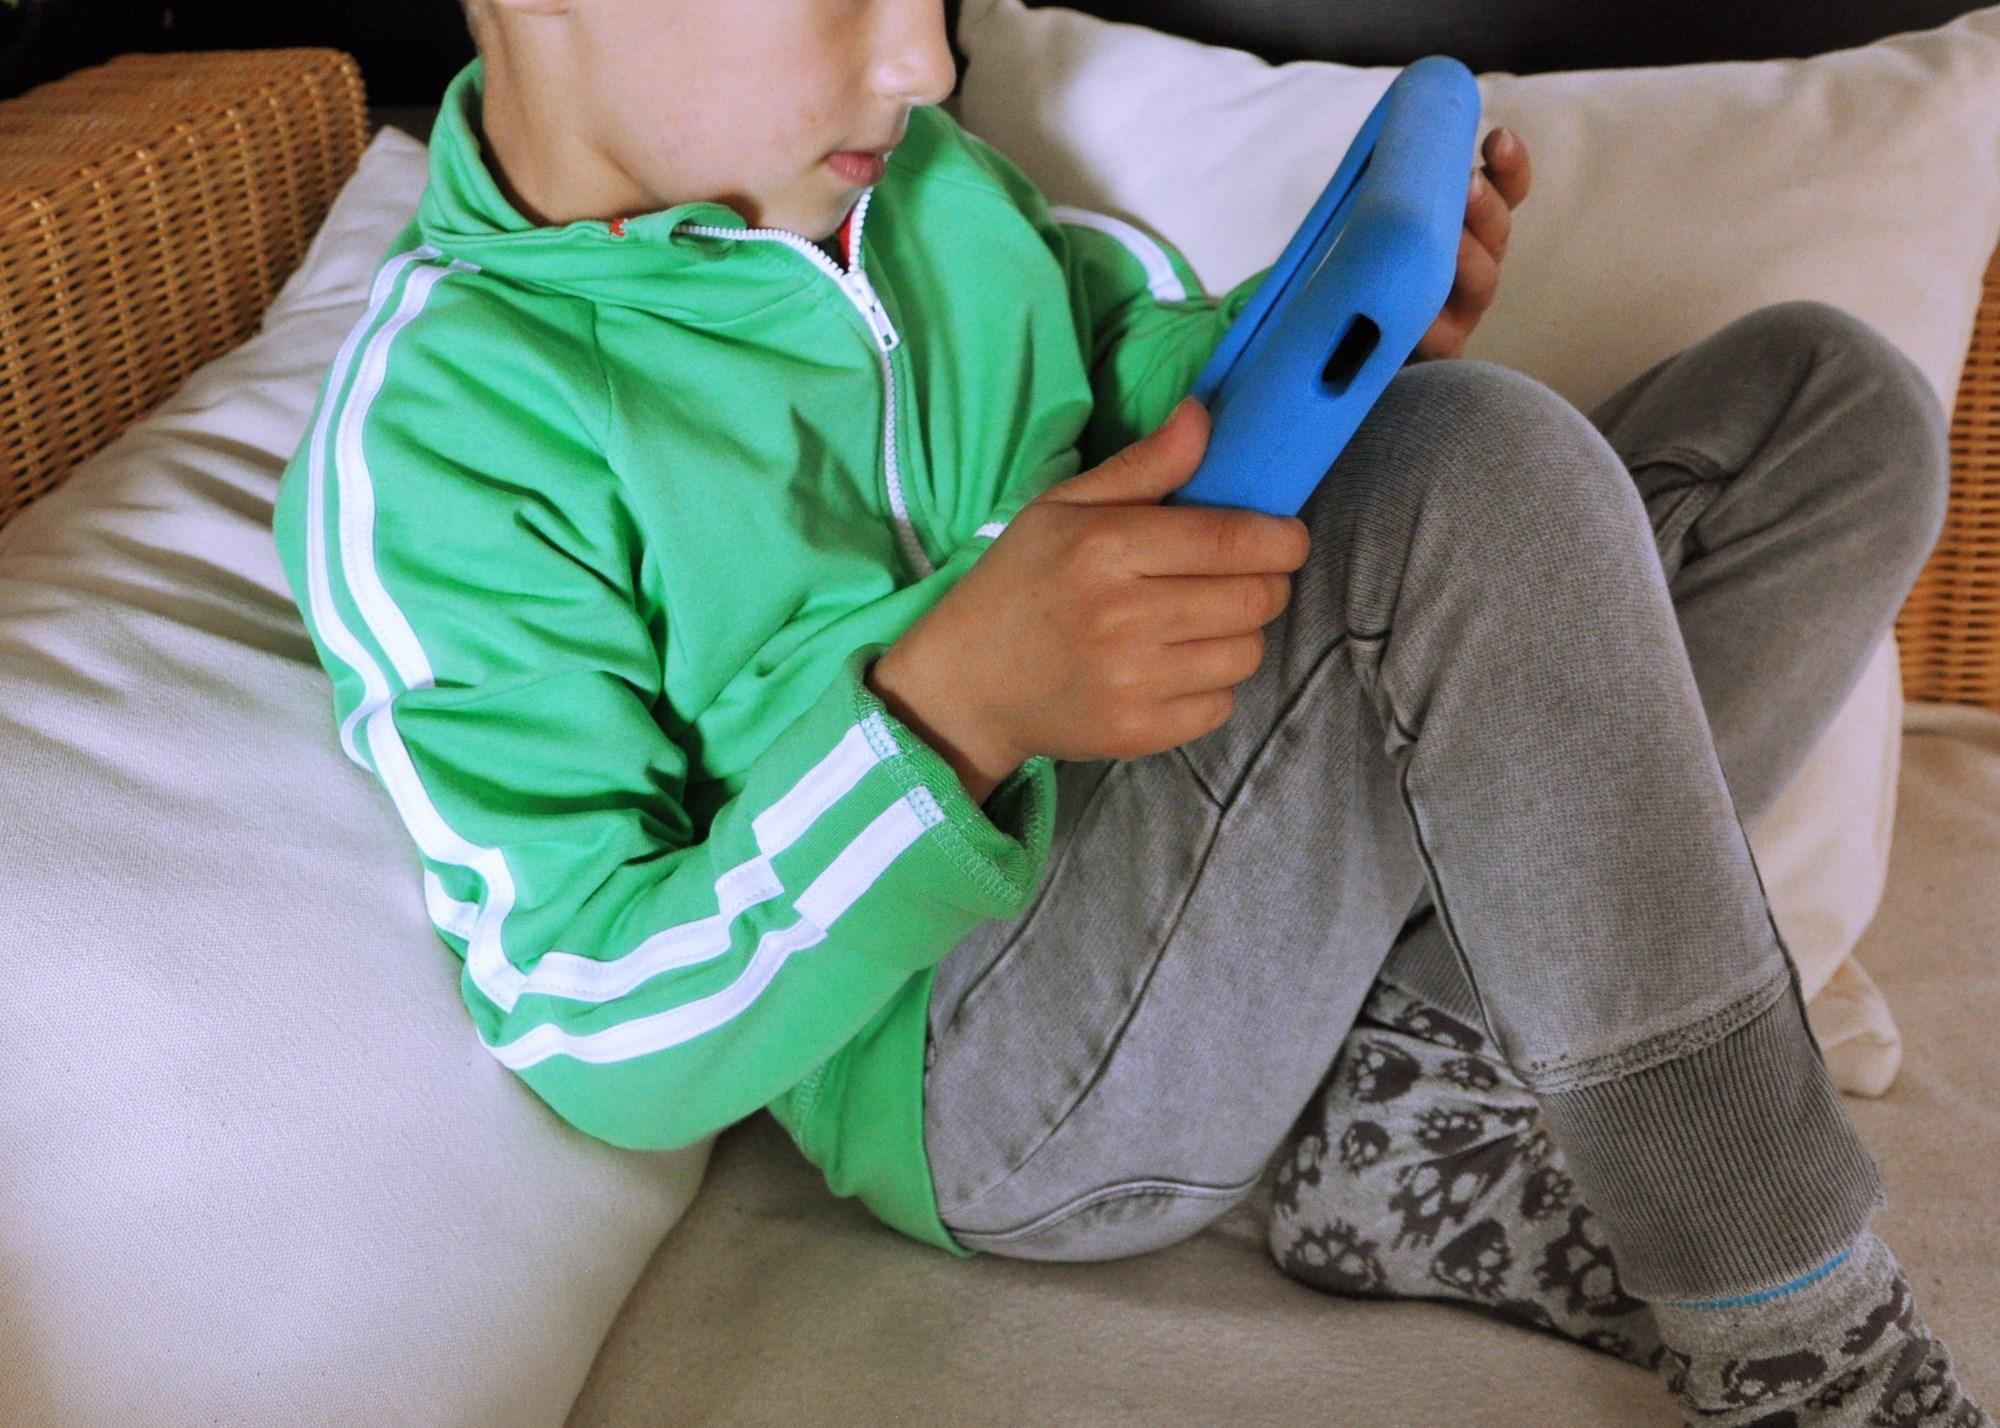 Medien-Verzicht macht nicht Medienkompetent - warum man Medien nutzen sollte, um den richtigen Umgang mit ihnen zu erlernen #Medien #Medienkompetent #Erziehung #Kinder